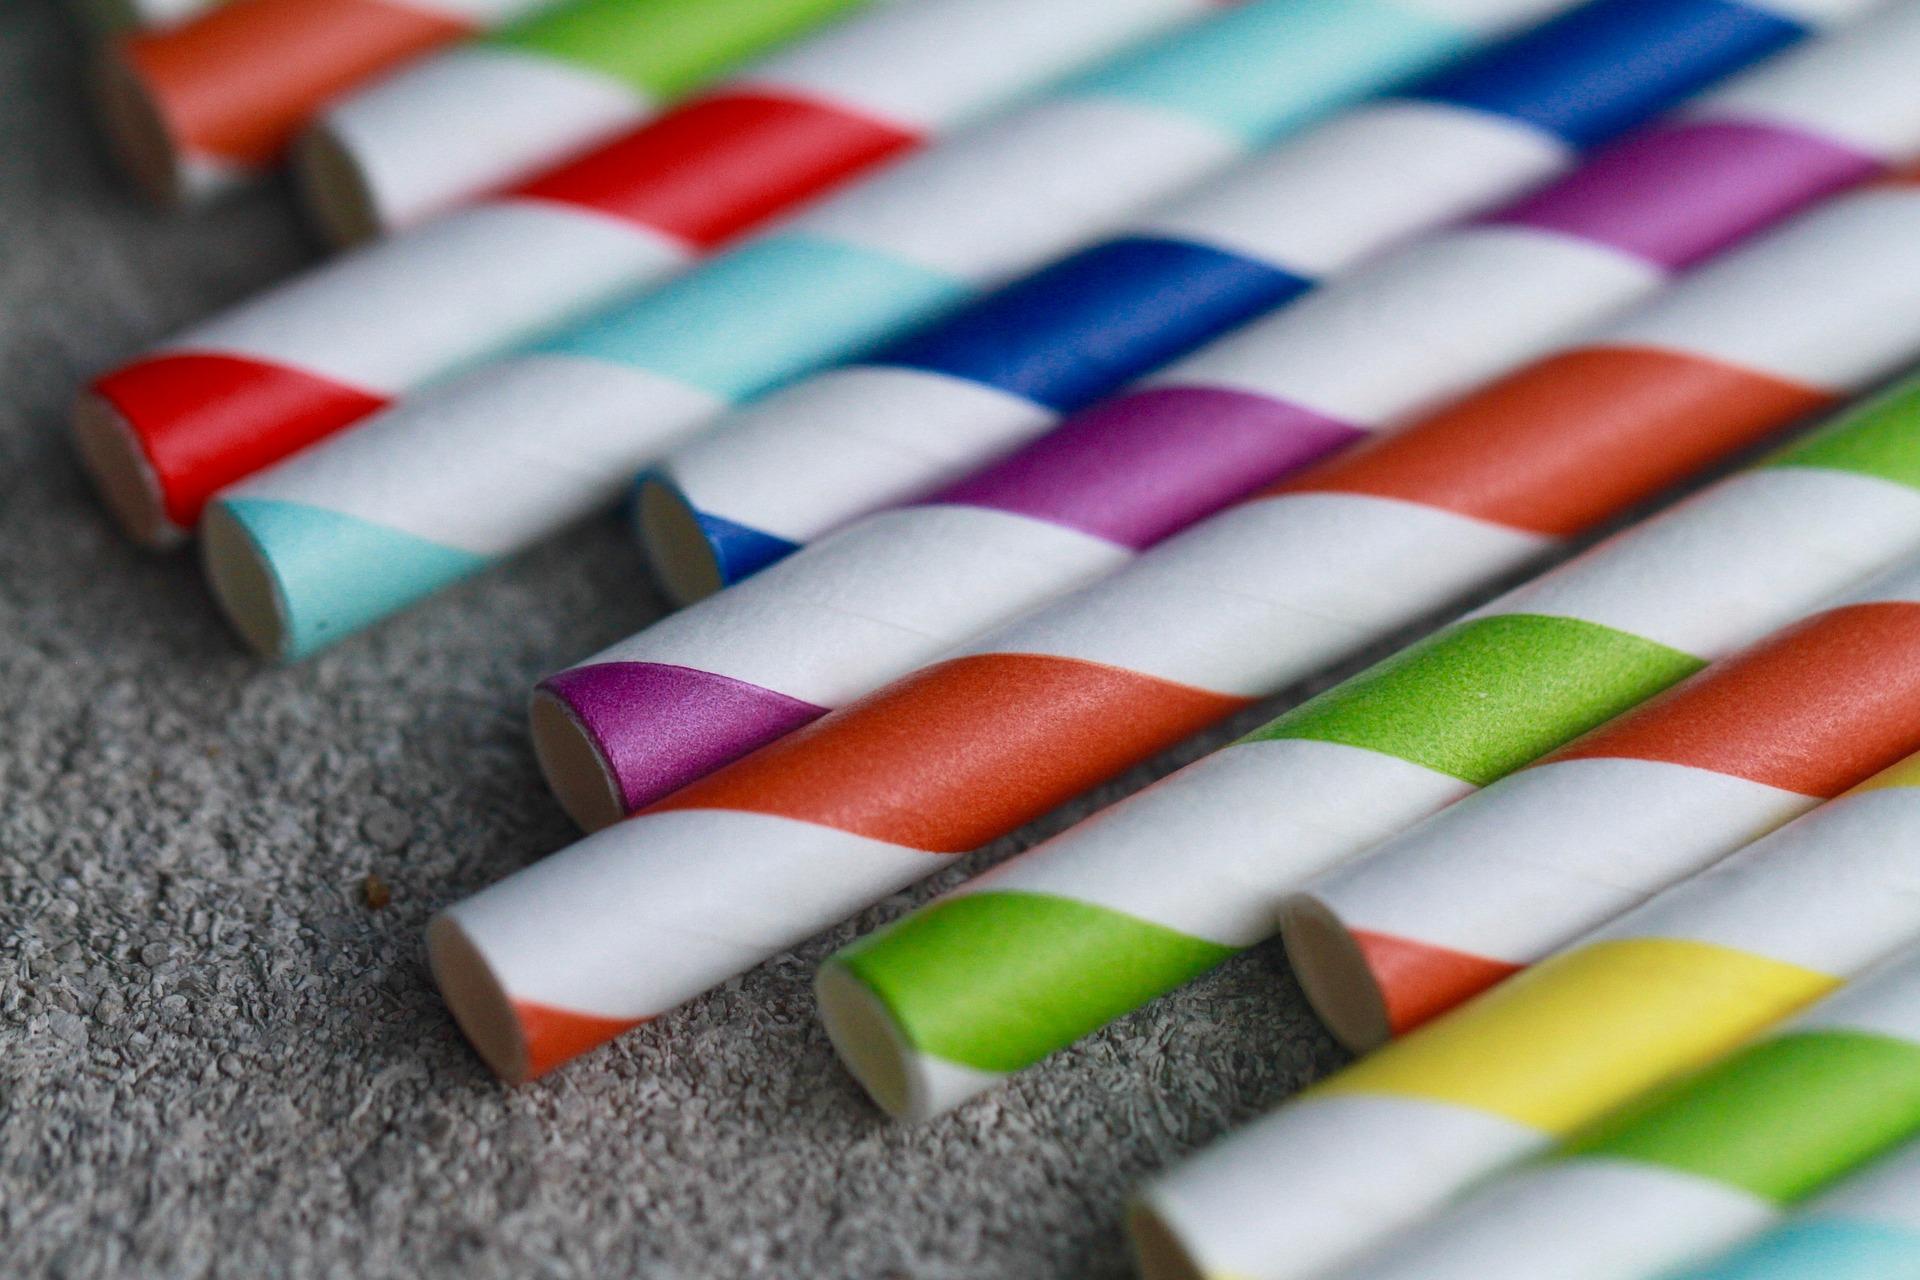 Koop papieren stokjes – maak handige cadeaus met deze leuke en gemakkelijke ambachten